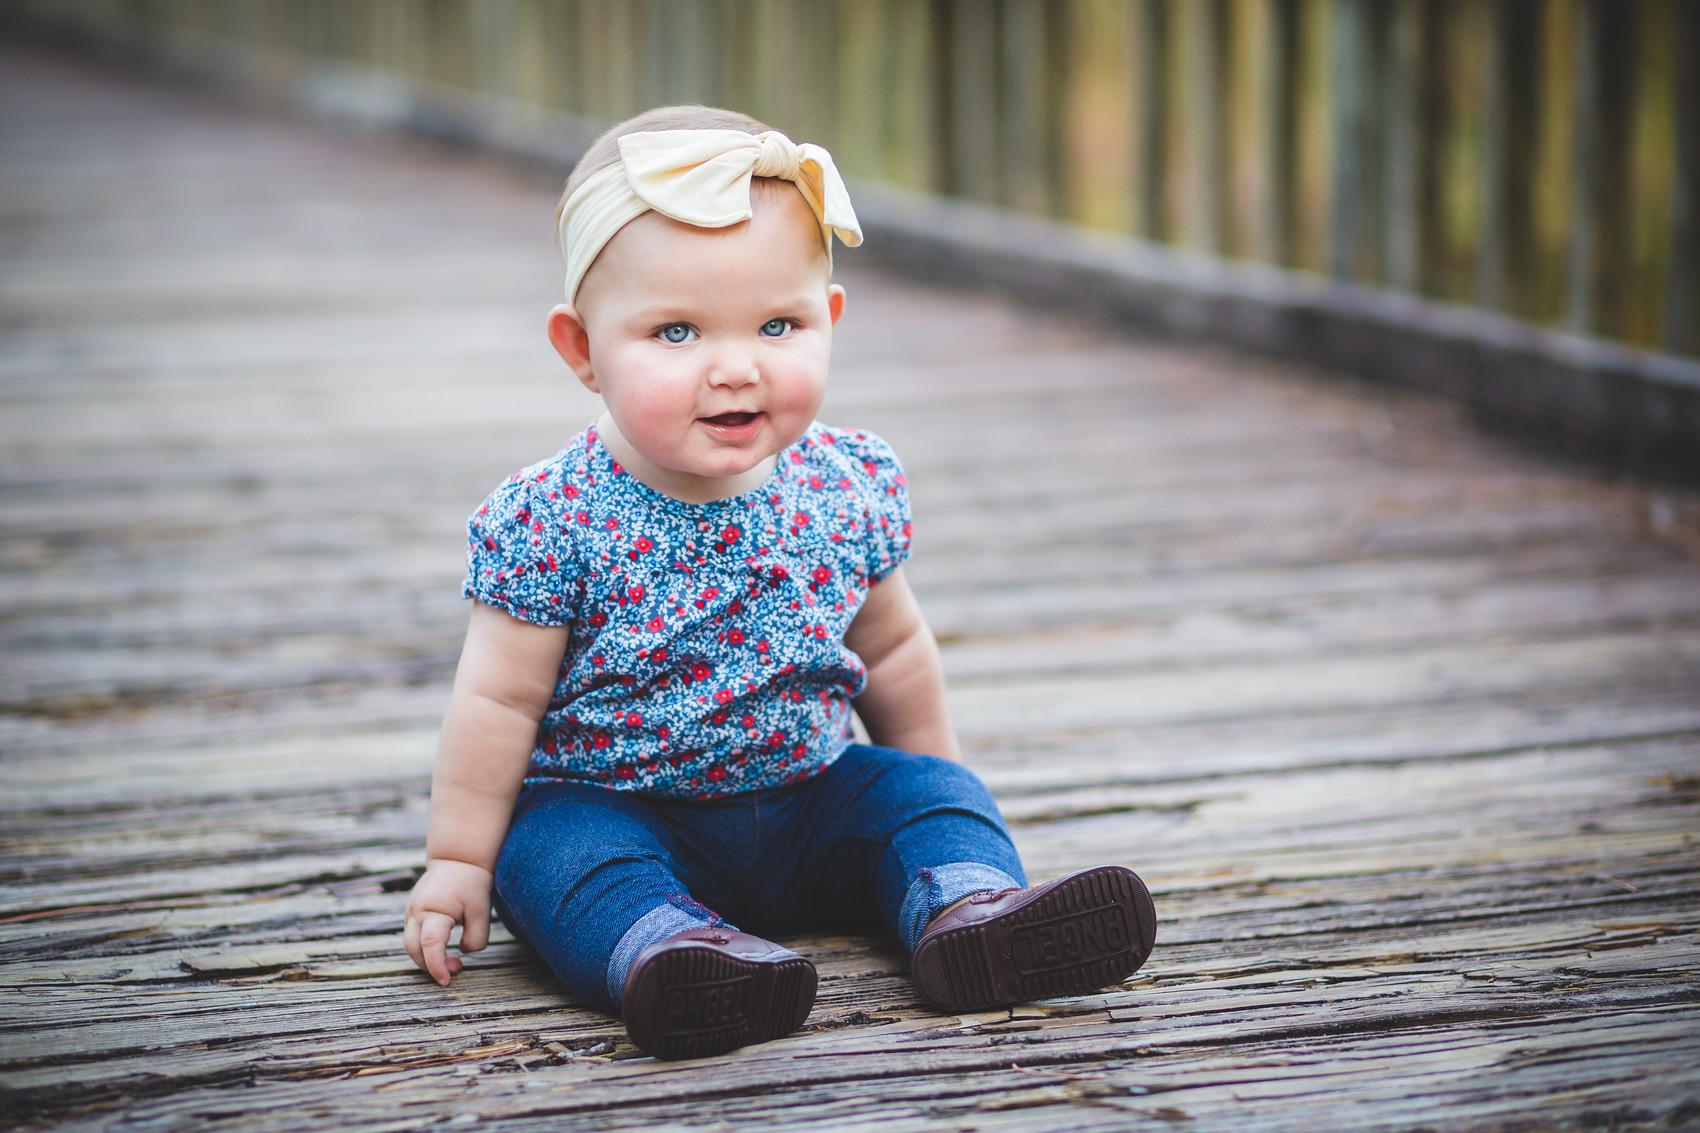 adam-szarmack-baby-photographer-5.jpg